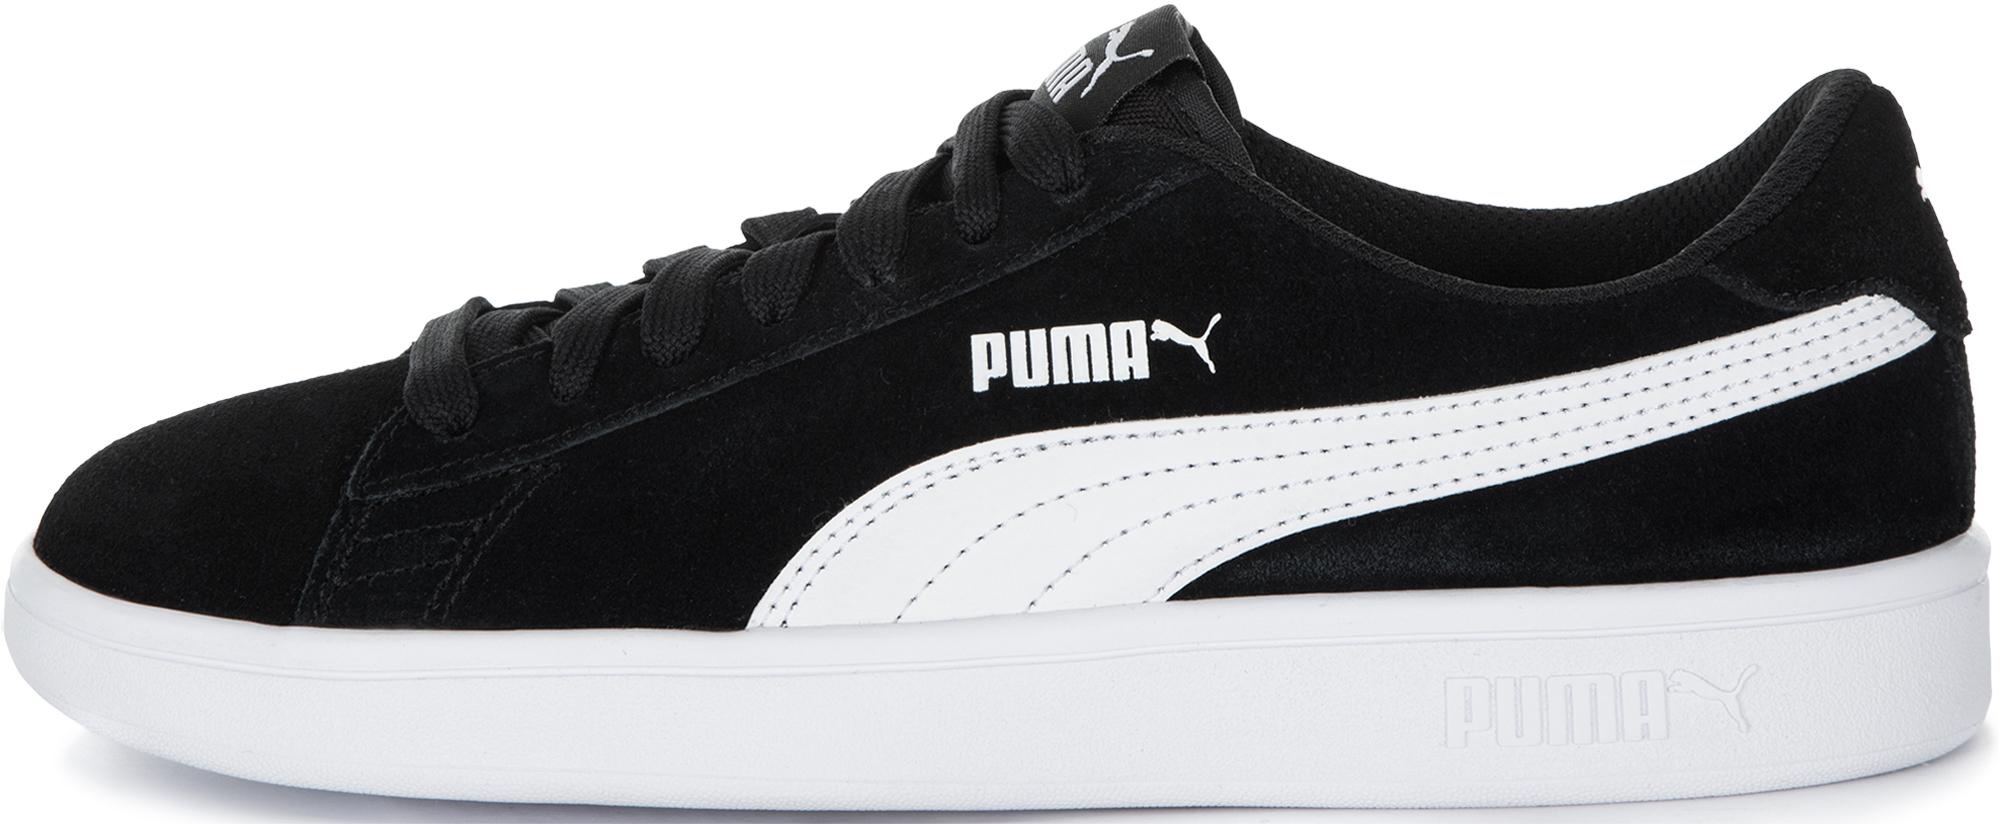 Puma Кеды для мальчиков  Smash v2 SD, размер 38